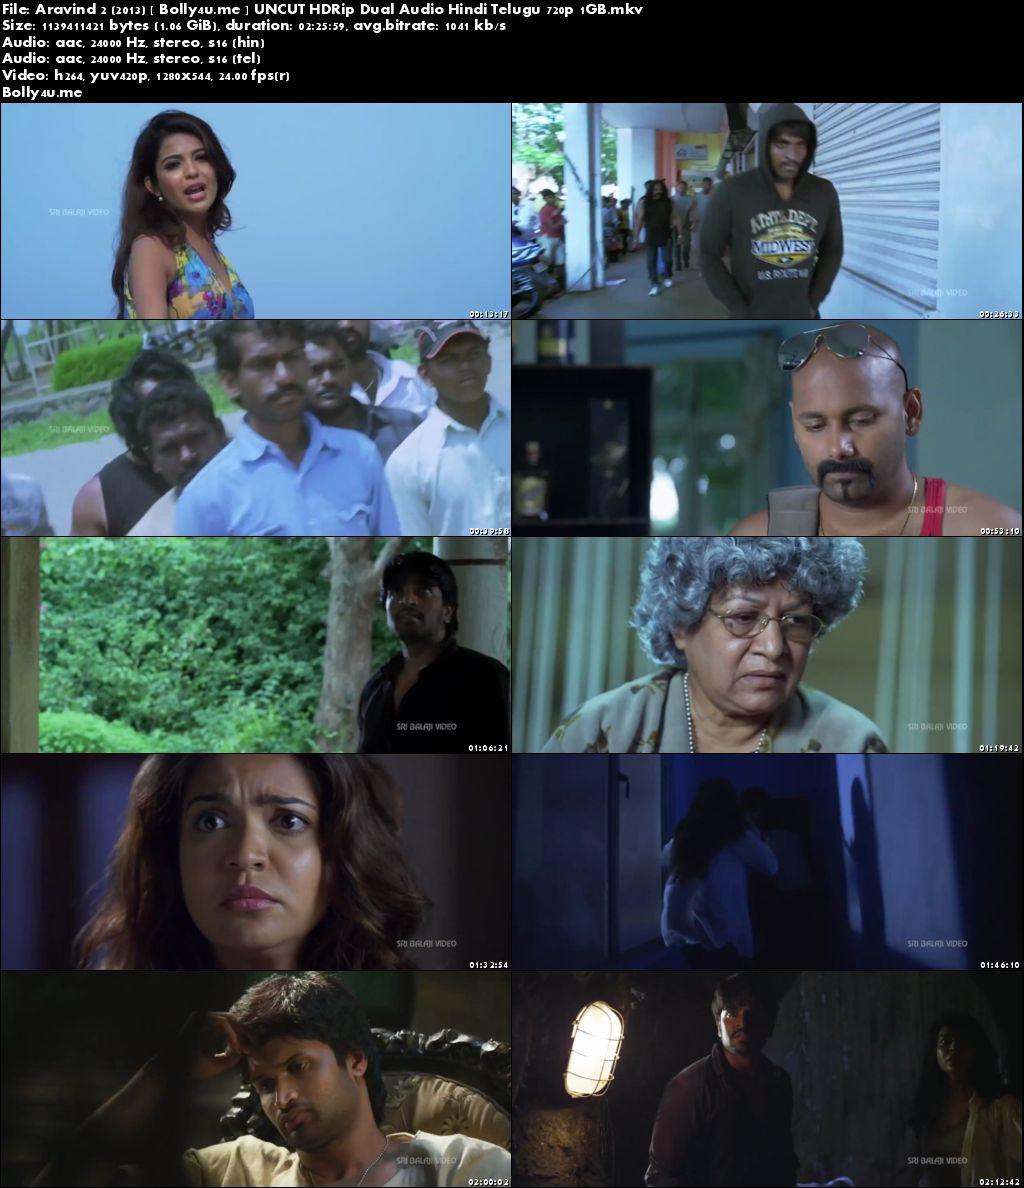 Aravind 2 2013 HDRip 1GB UNCUT Hindi Dual Audio 720p Download